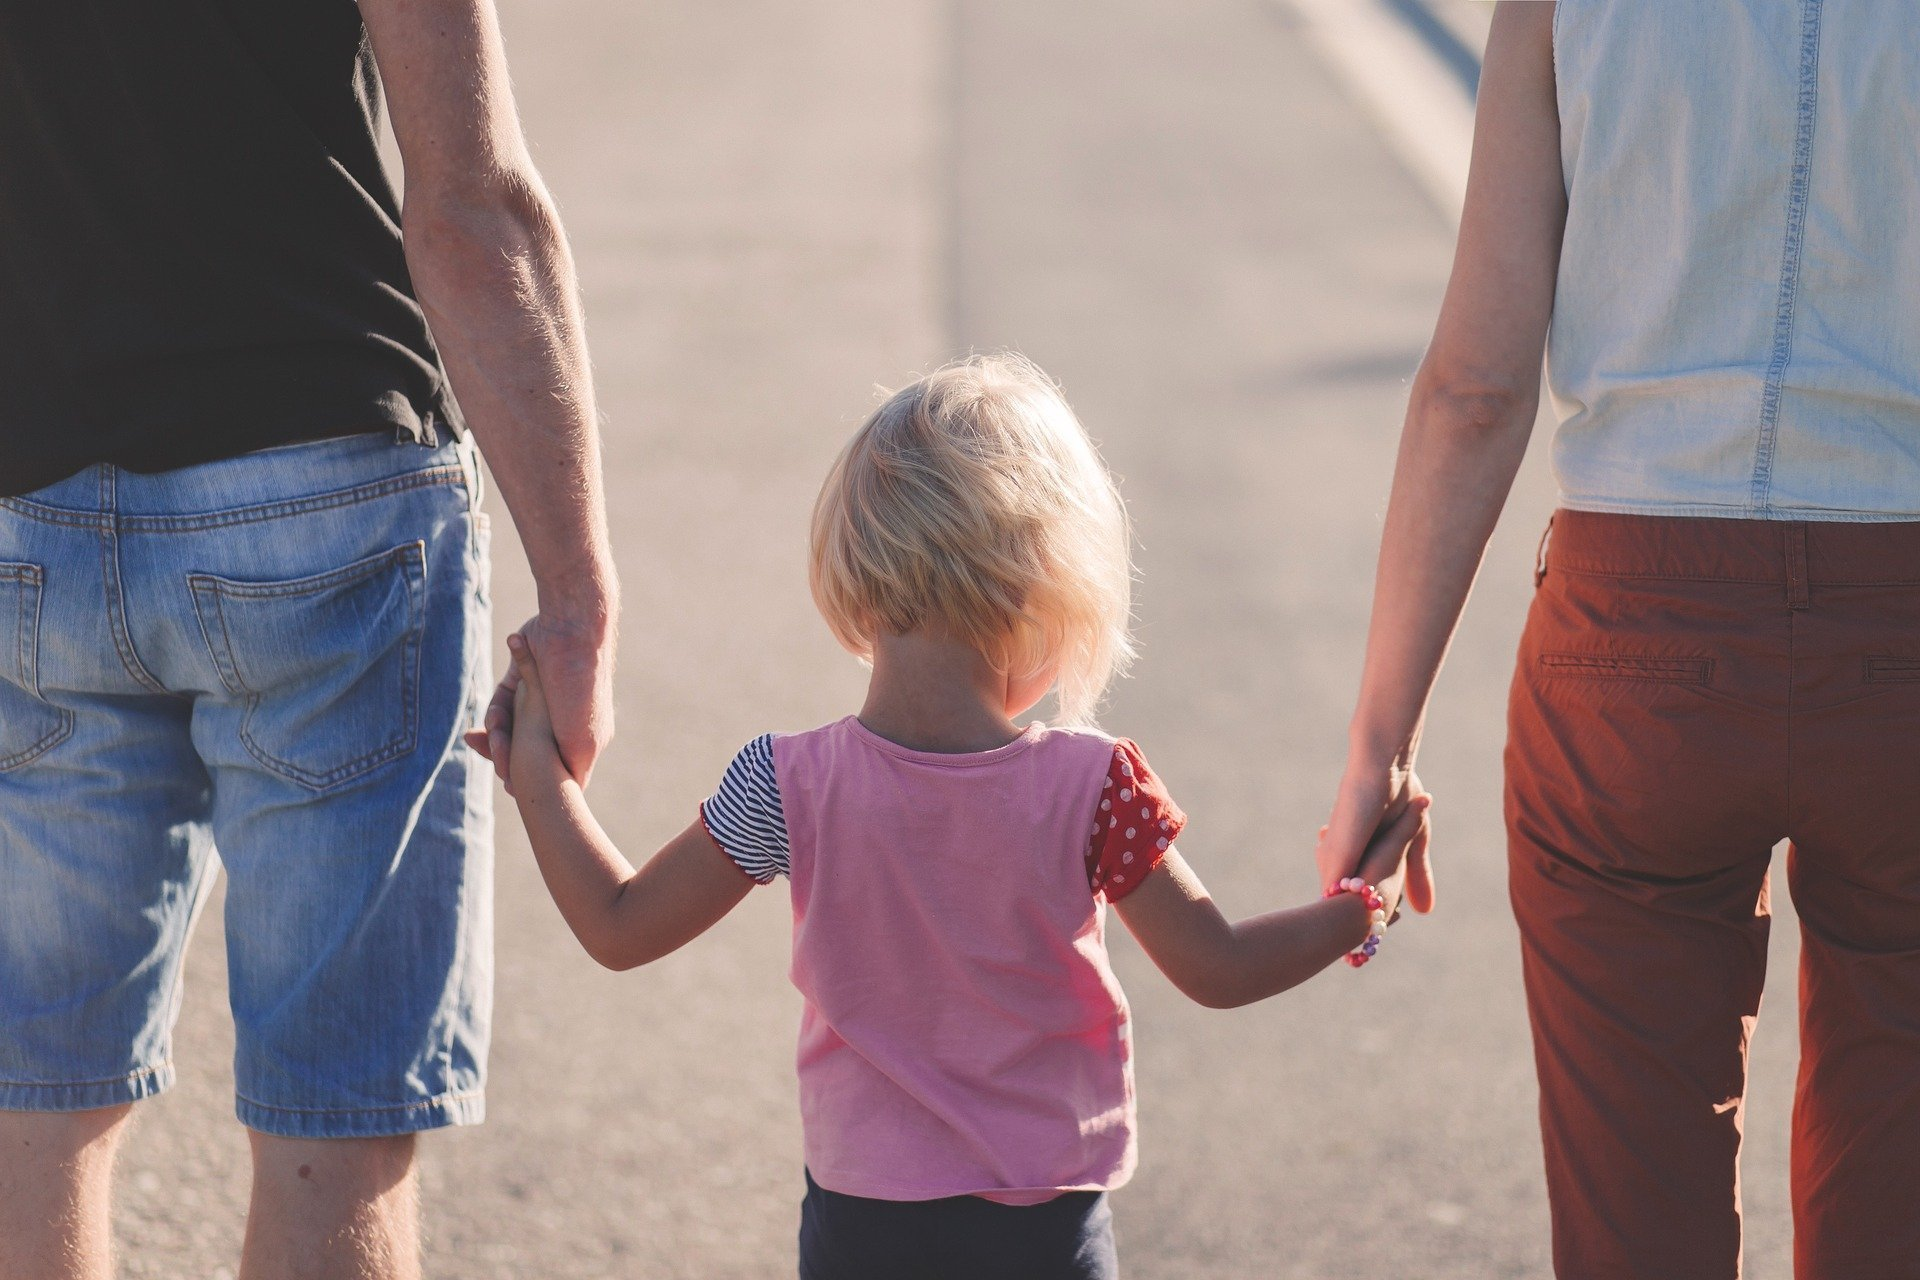 Už od 15. srpna začne přijímání žádostí o finanční podporu mladých rodin do 36 let. Návrh Ministerstva pro místní rozvoj schválila vláda. Má pomoci mladým párům s kvalitním bydlením, na které ještě v takovém věku často nedosáhnou. Návrh ministerstva tak rovněž podporuje instituci manželství, růst natality a také větší osídlení venkova a menších měst.